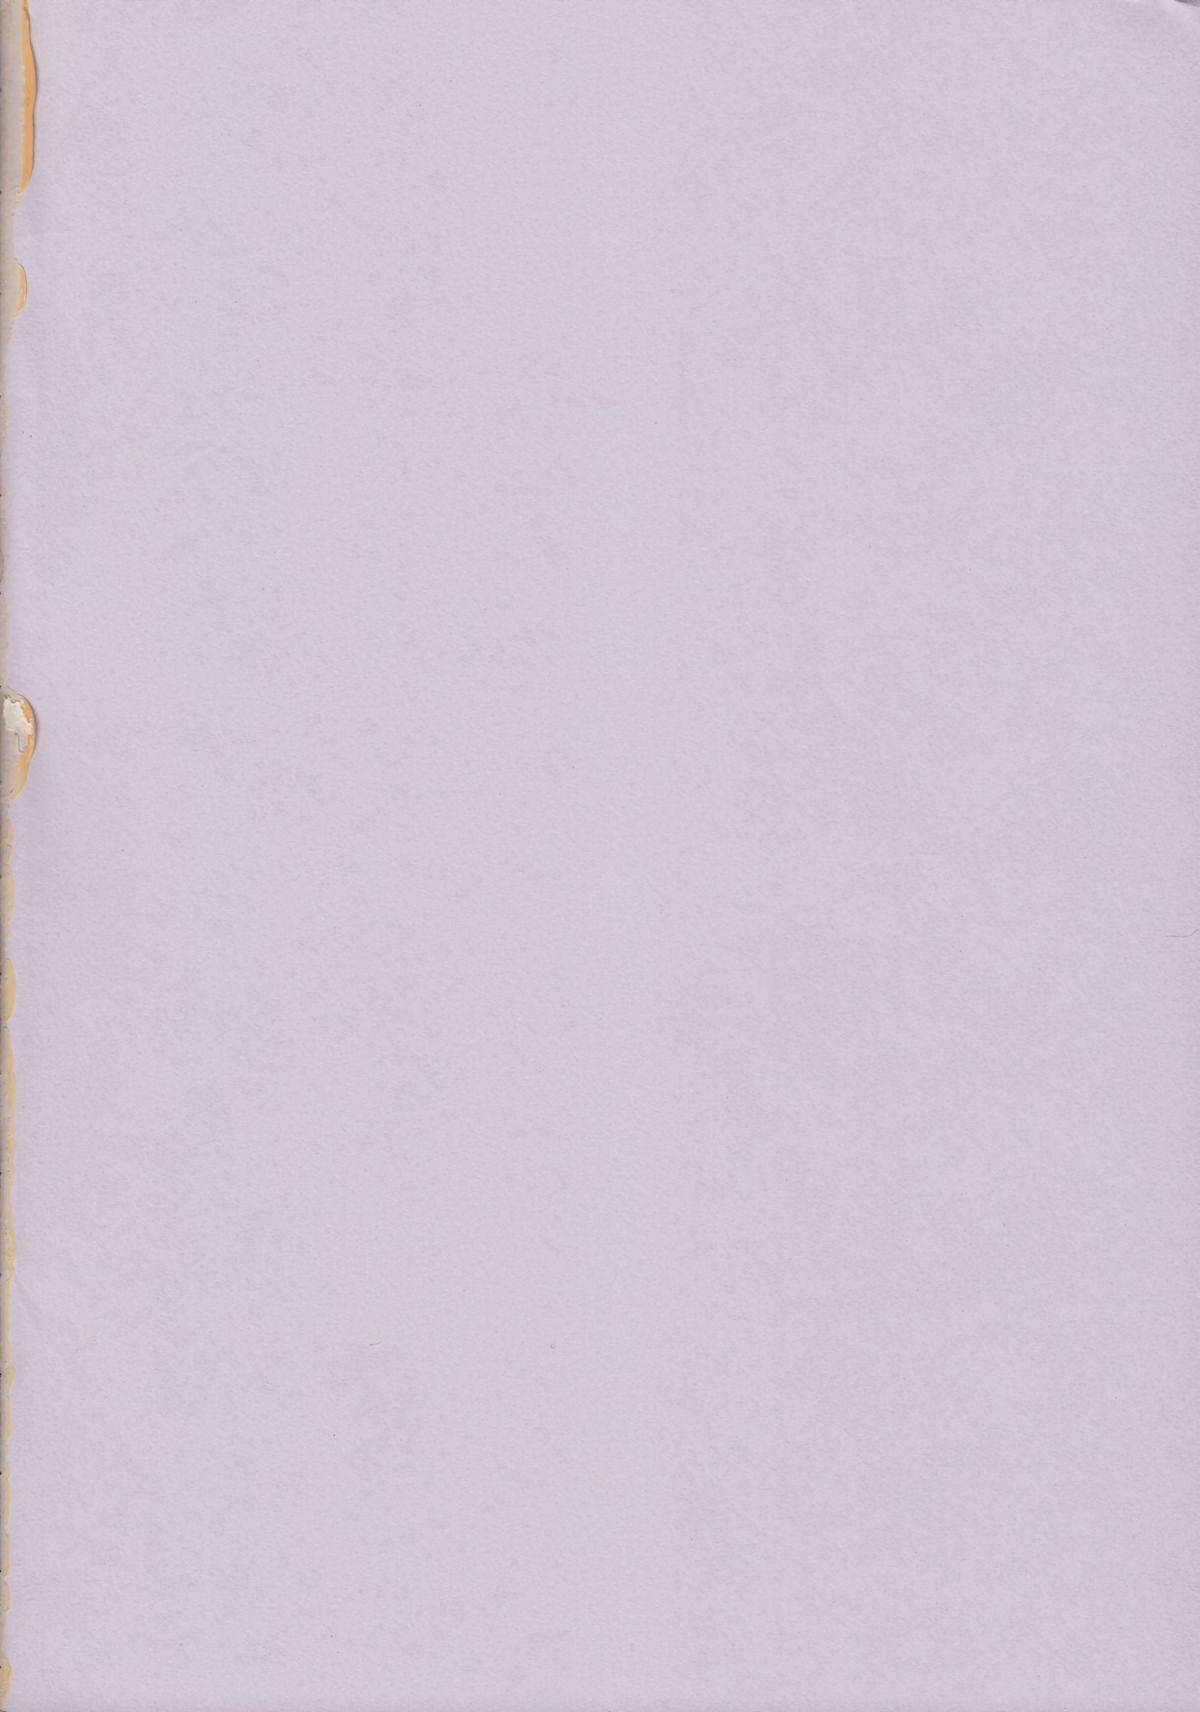 Ikenai! Otokonoko Hon Boy's H Book 2 74